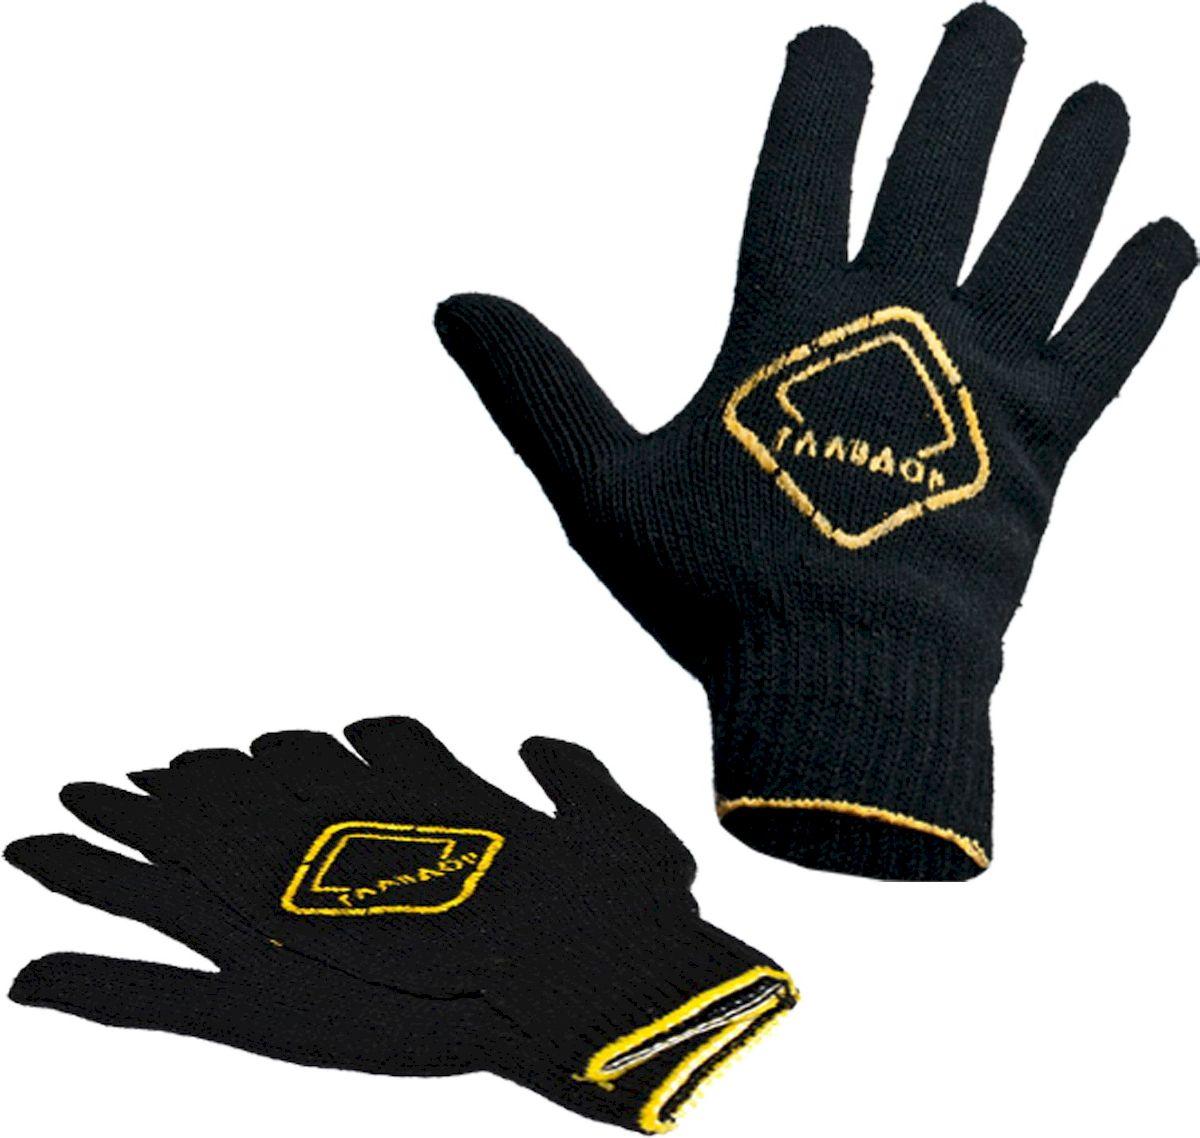 Перчатки защитные Главдор, цвет: черный. GL-47HF002009Классические защитные перчатки Главдор выполнены из хлопка в 4 нити с точками с ПВХ. Прекрасно подходят для проведения ремонтных и прочих работ, а также для защиты рук от загрязнений.